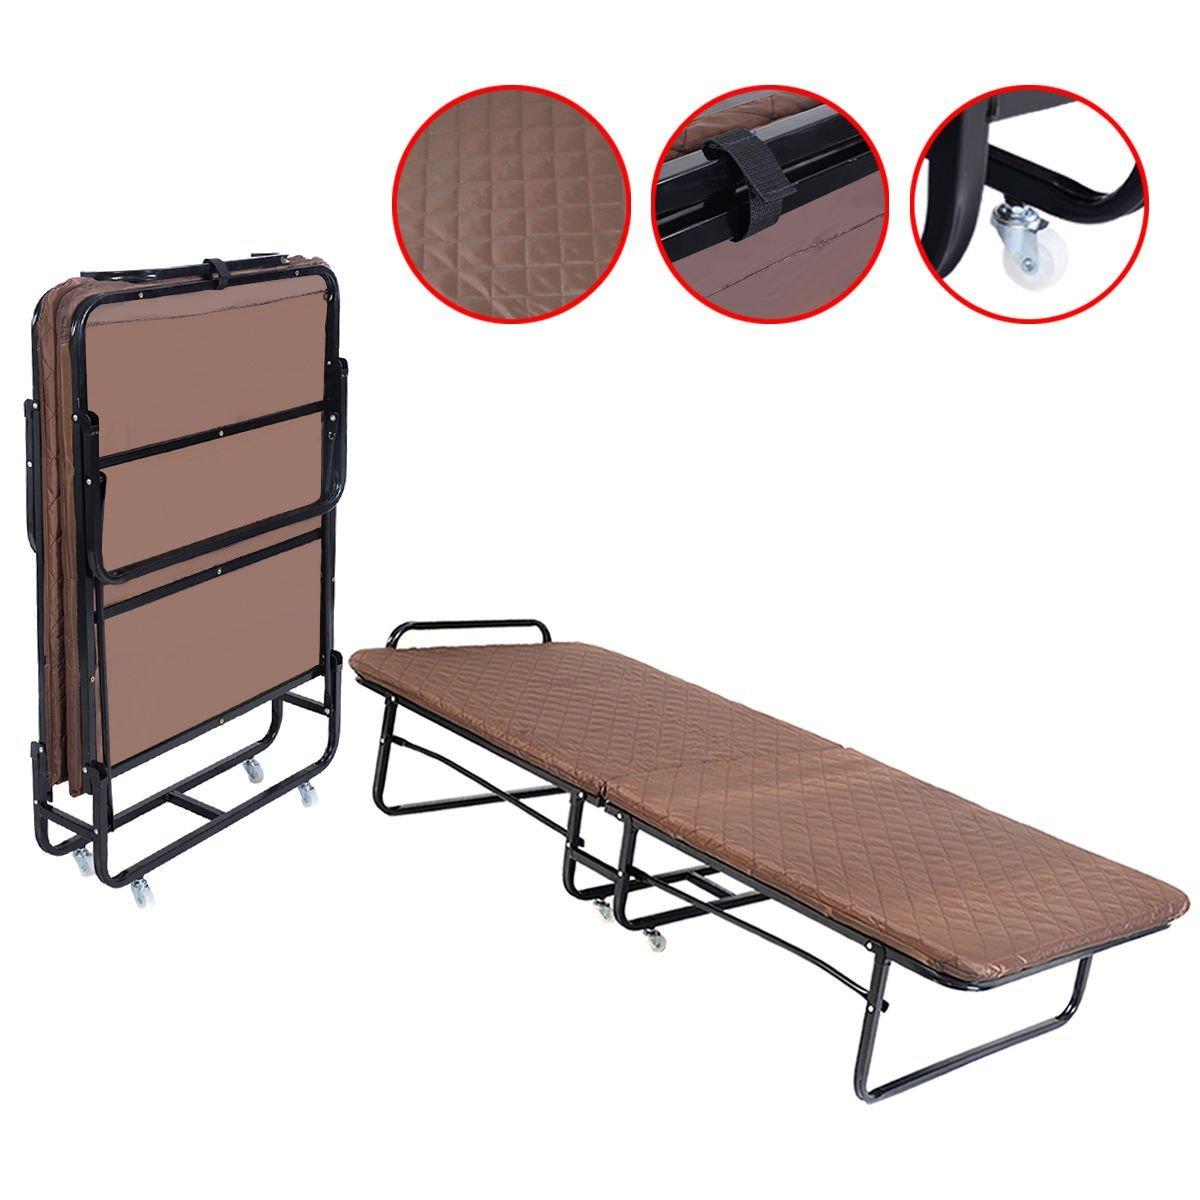 Fanala Folding Cot Hideaway Guest Bed with Foam Mattress - Twin Size